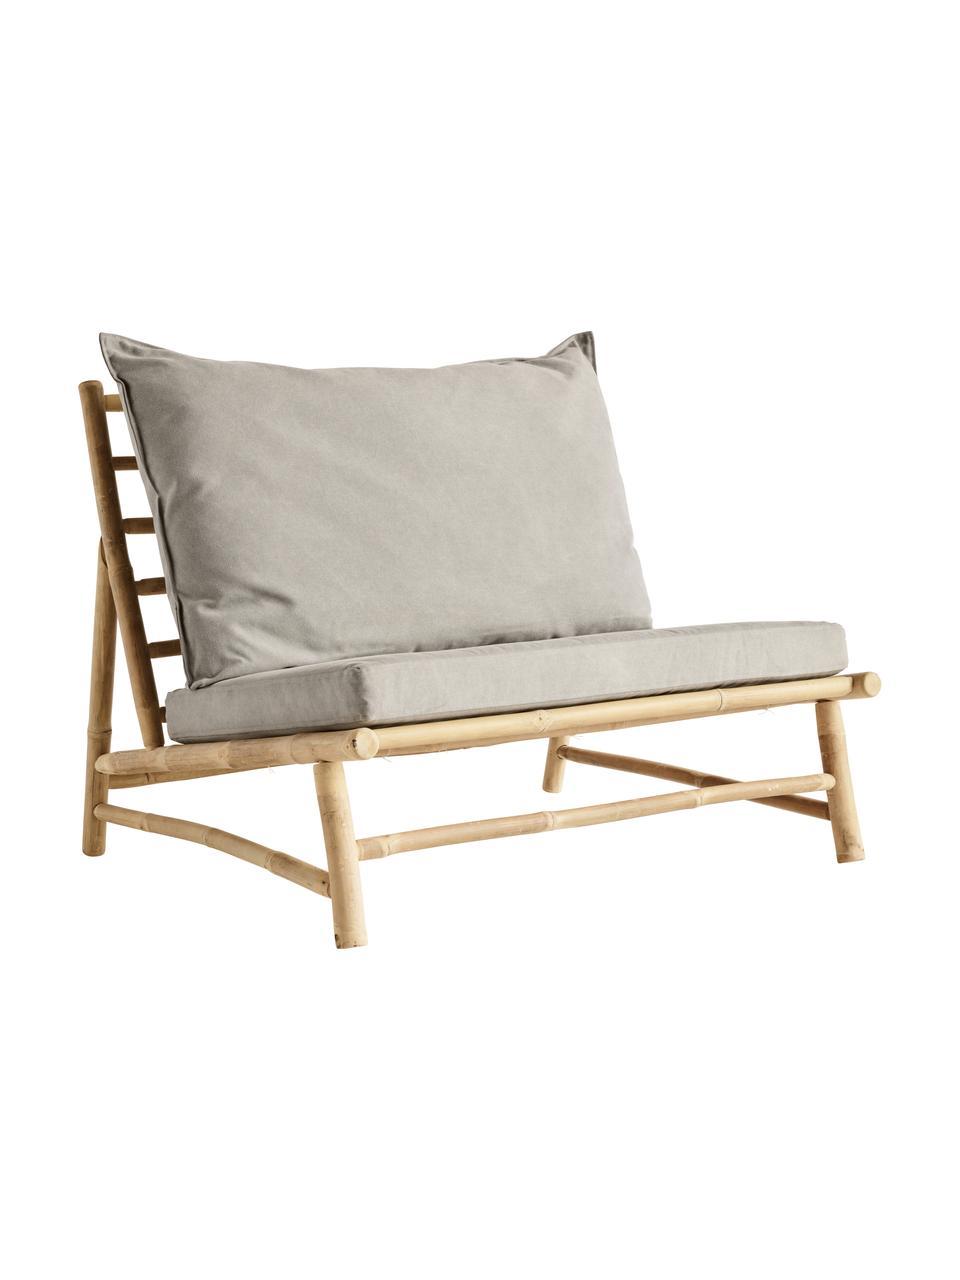 Fotel wypoczynkowy XL z drewna bambusowego Bamslow, Stelaż: drewno bambusowe, Tapicerka: 100% bawełna, Szary, brązowy, S 100 x G 87 cm